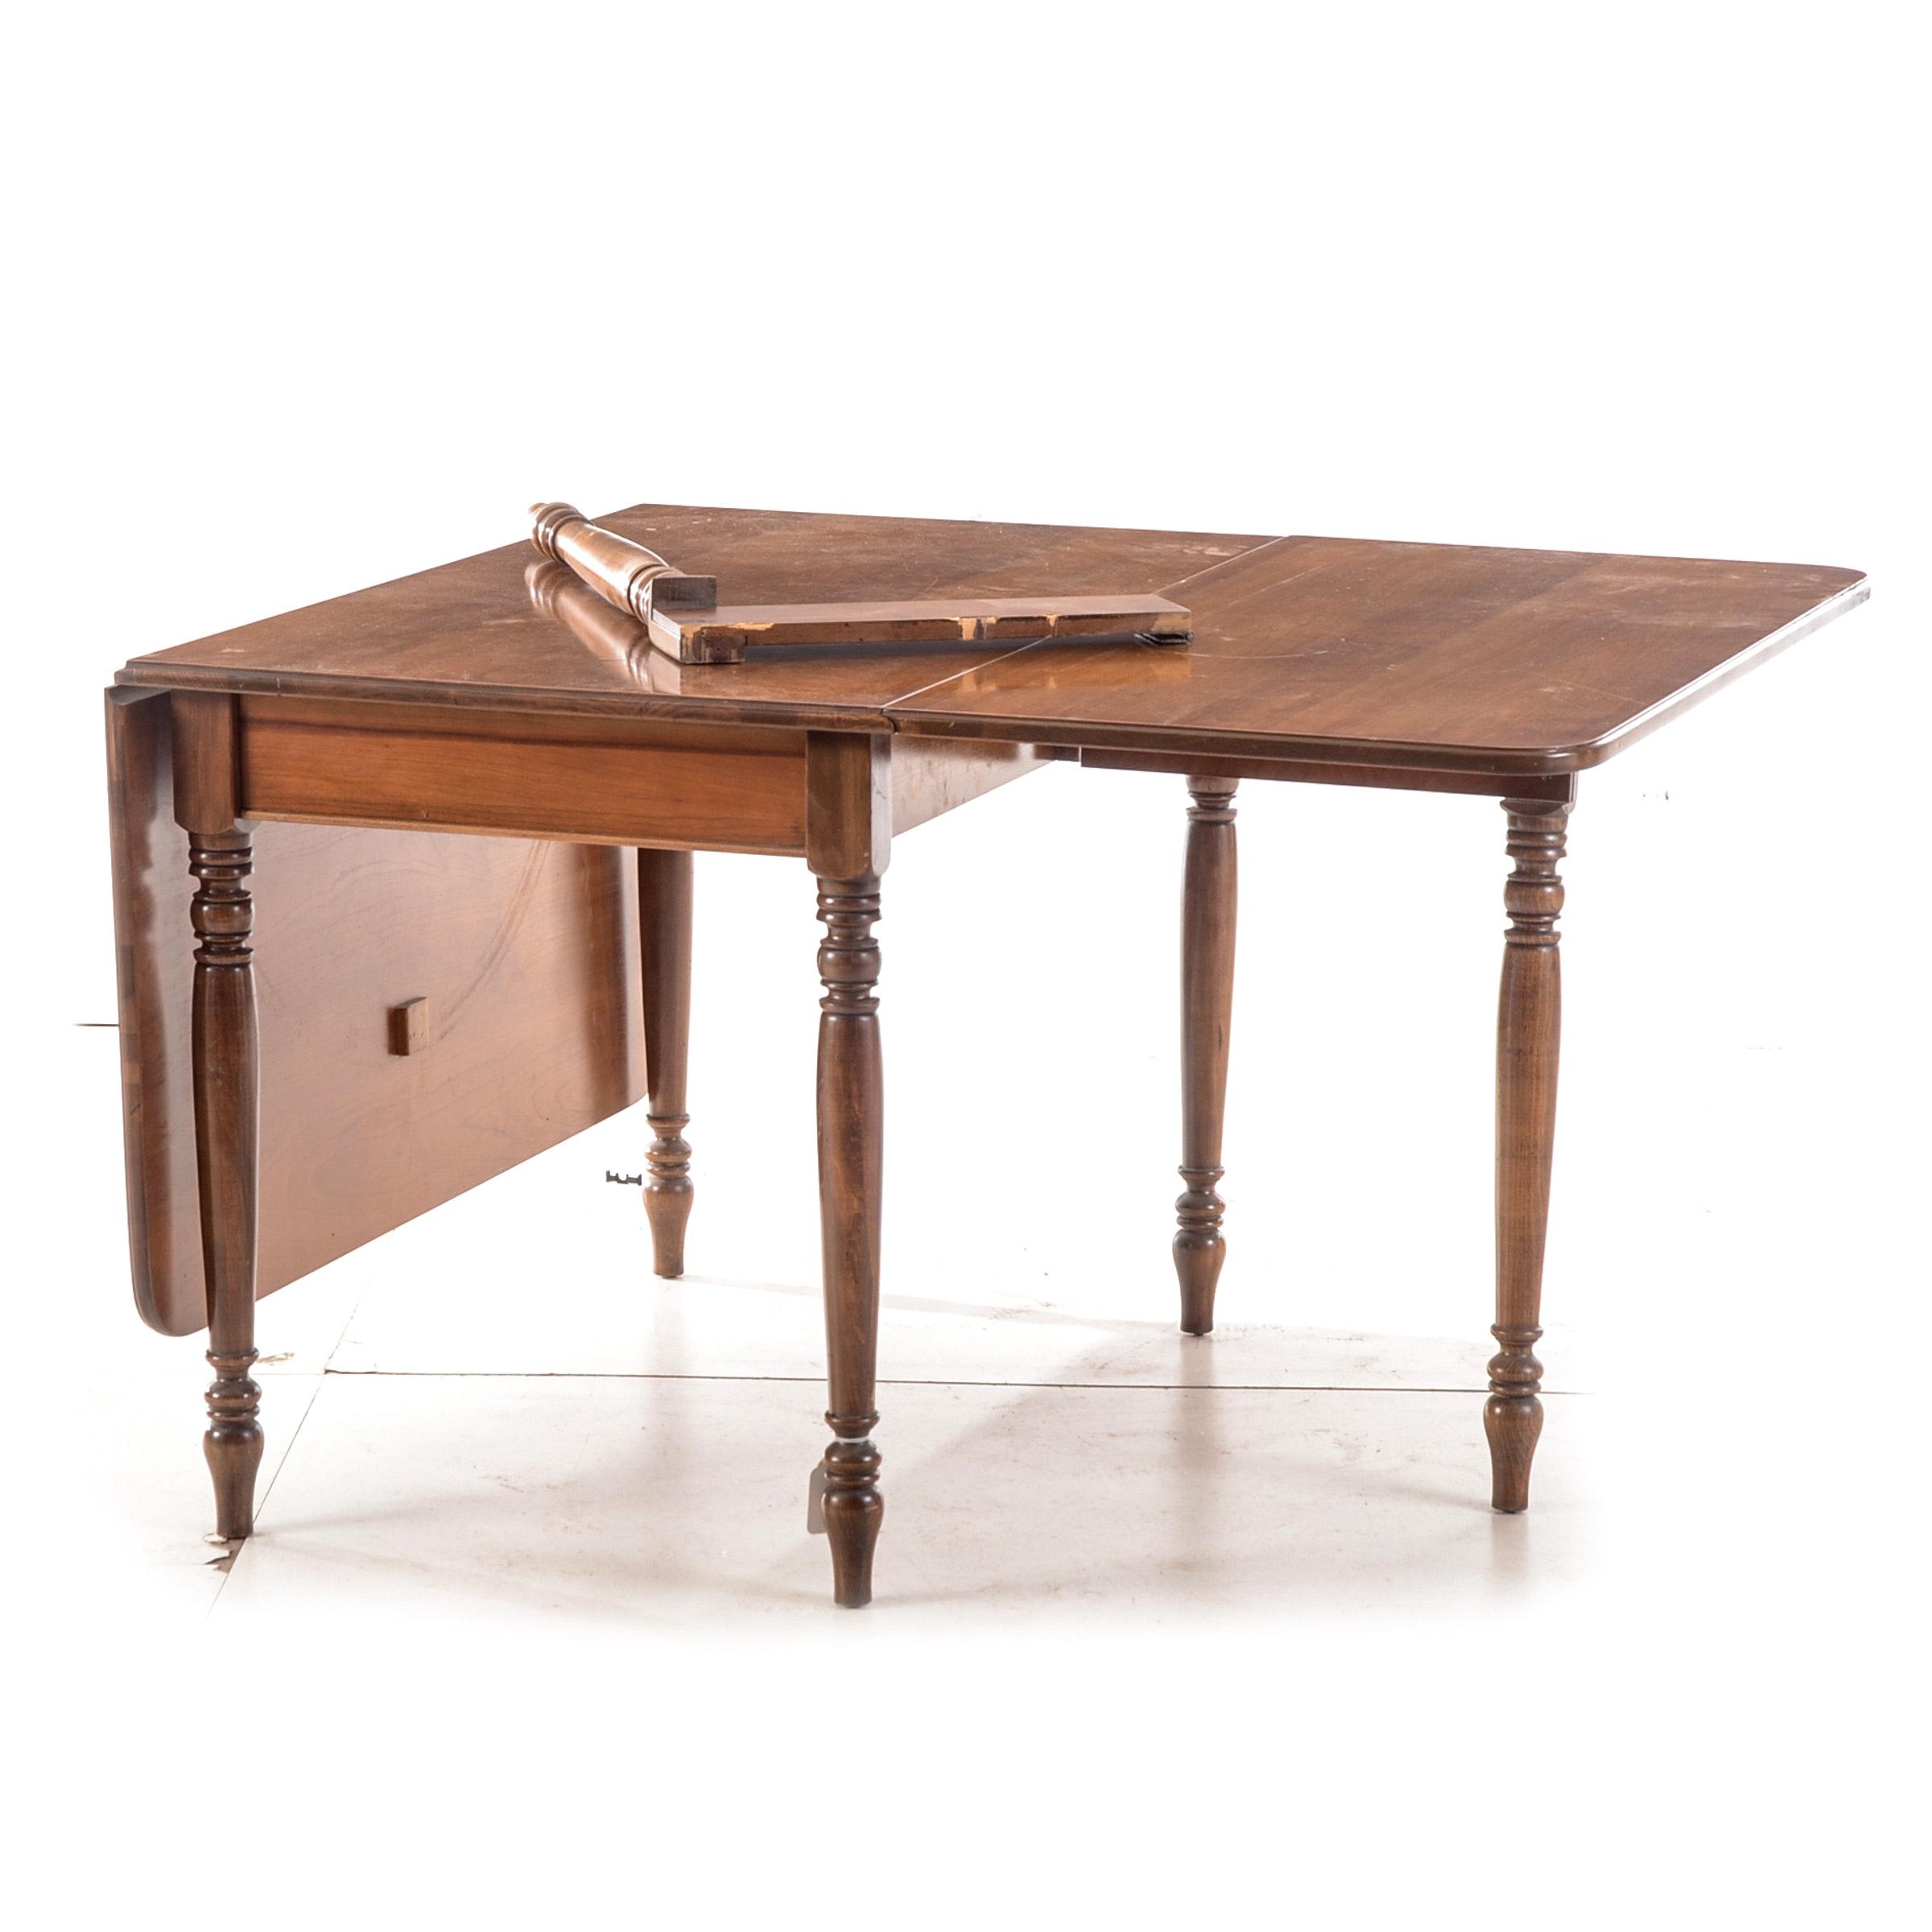 Walnut Drop-Leaf Dining Table